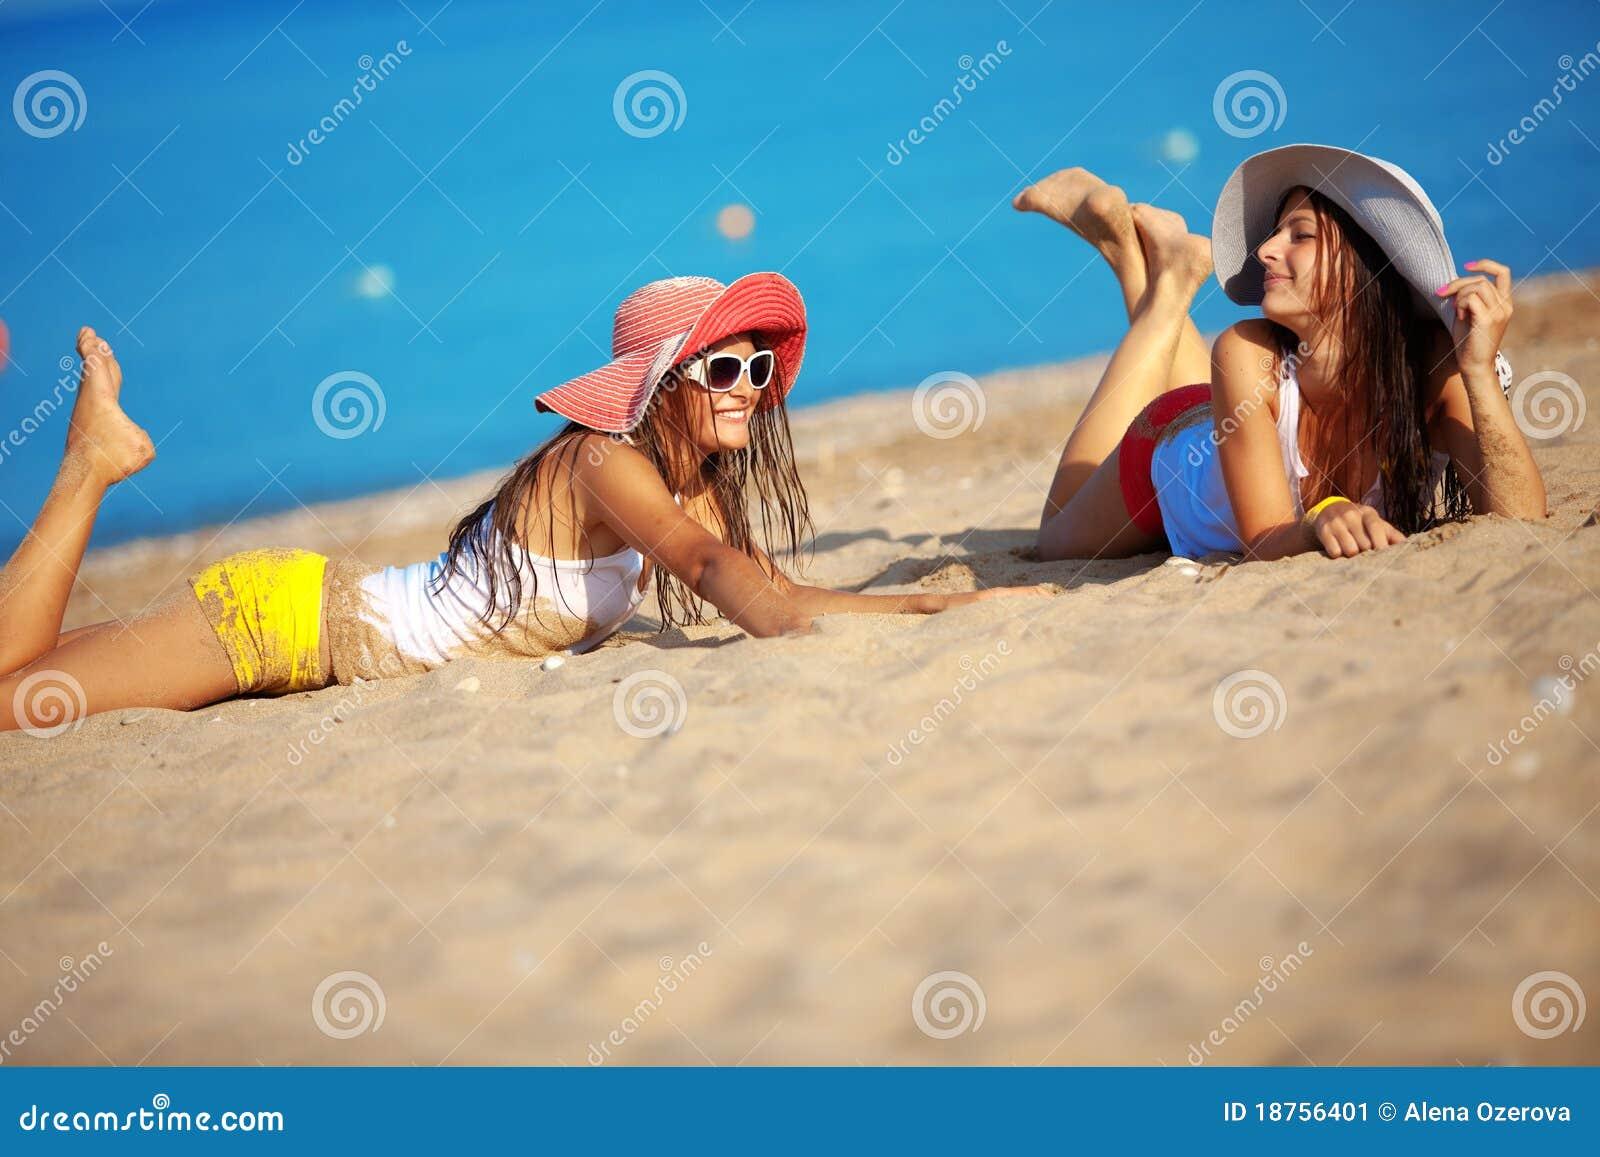 Египет фото девушек на пляже